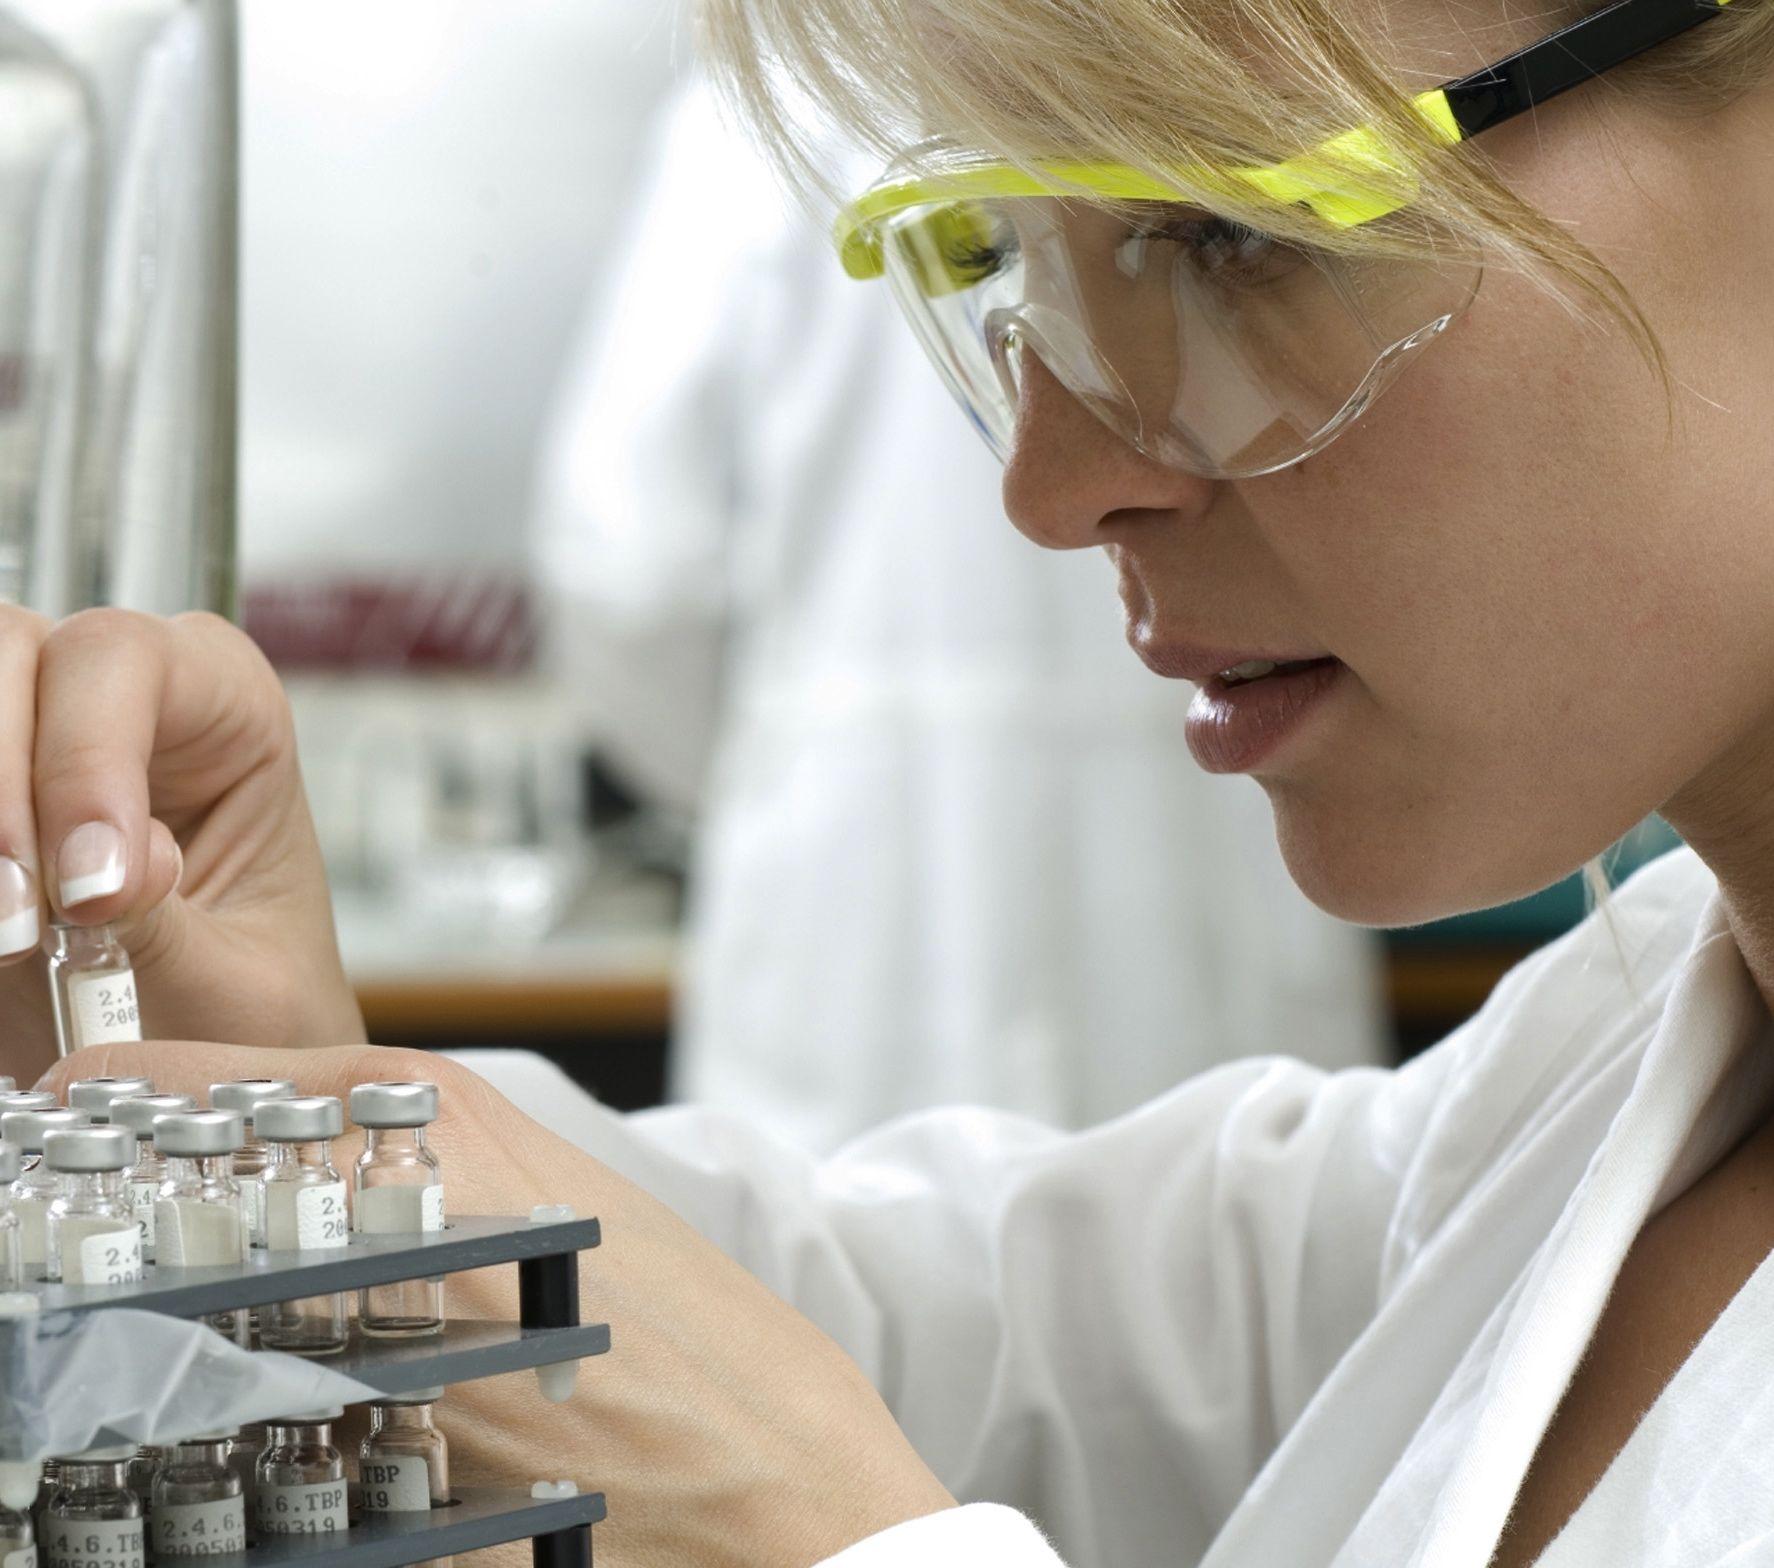 9 substante chimice pe care le folosim zilnic, legate de aparitia cancerului de san